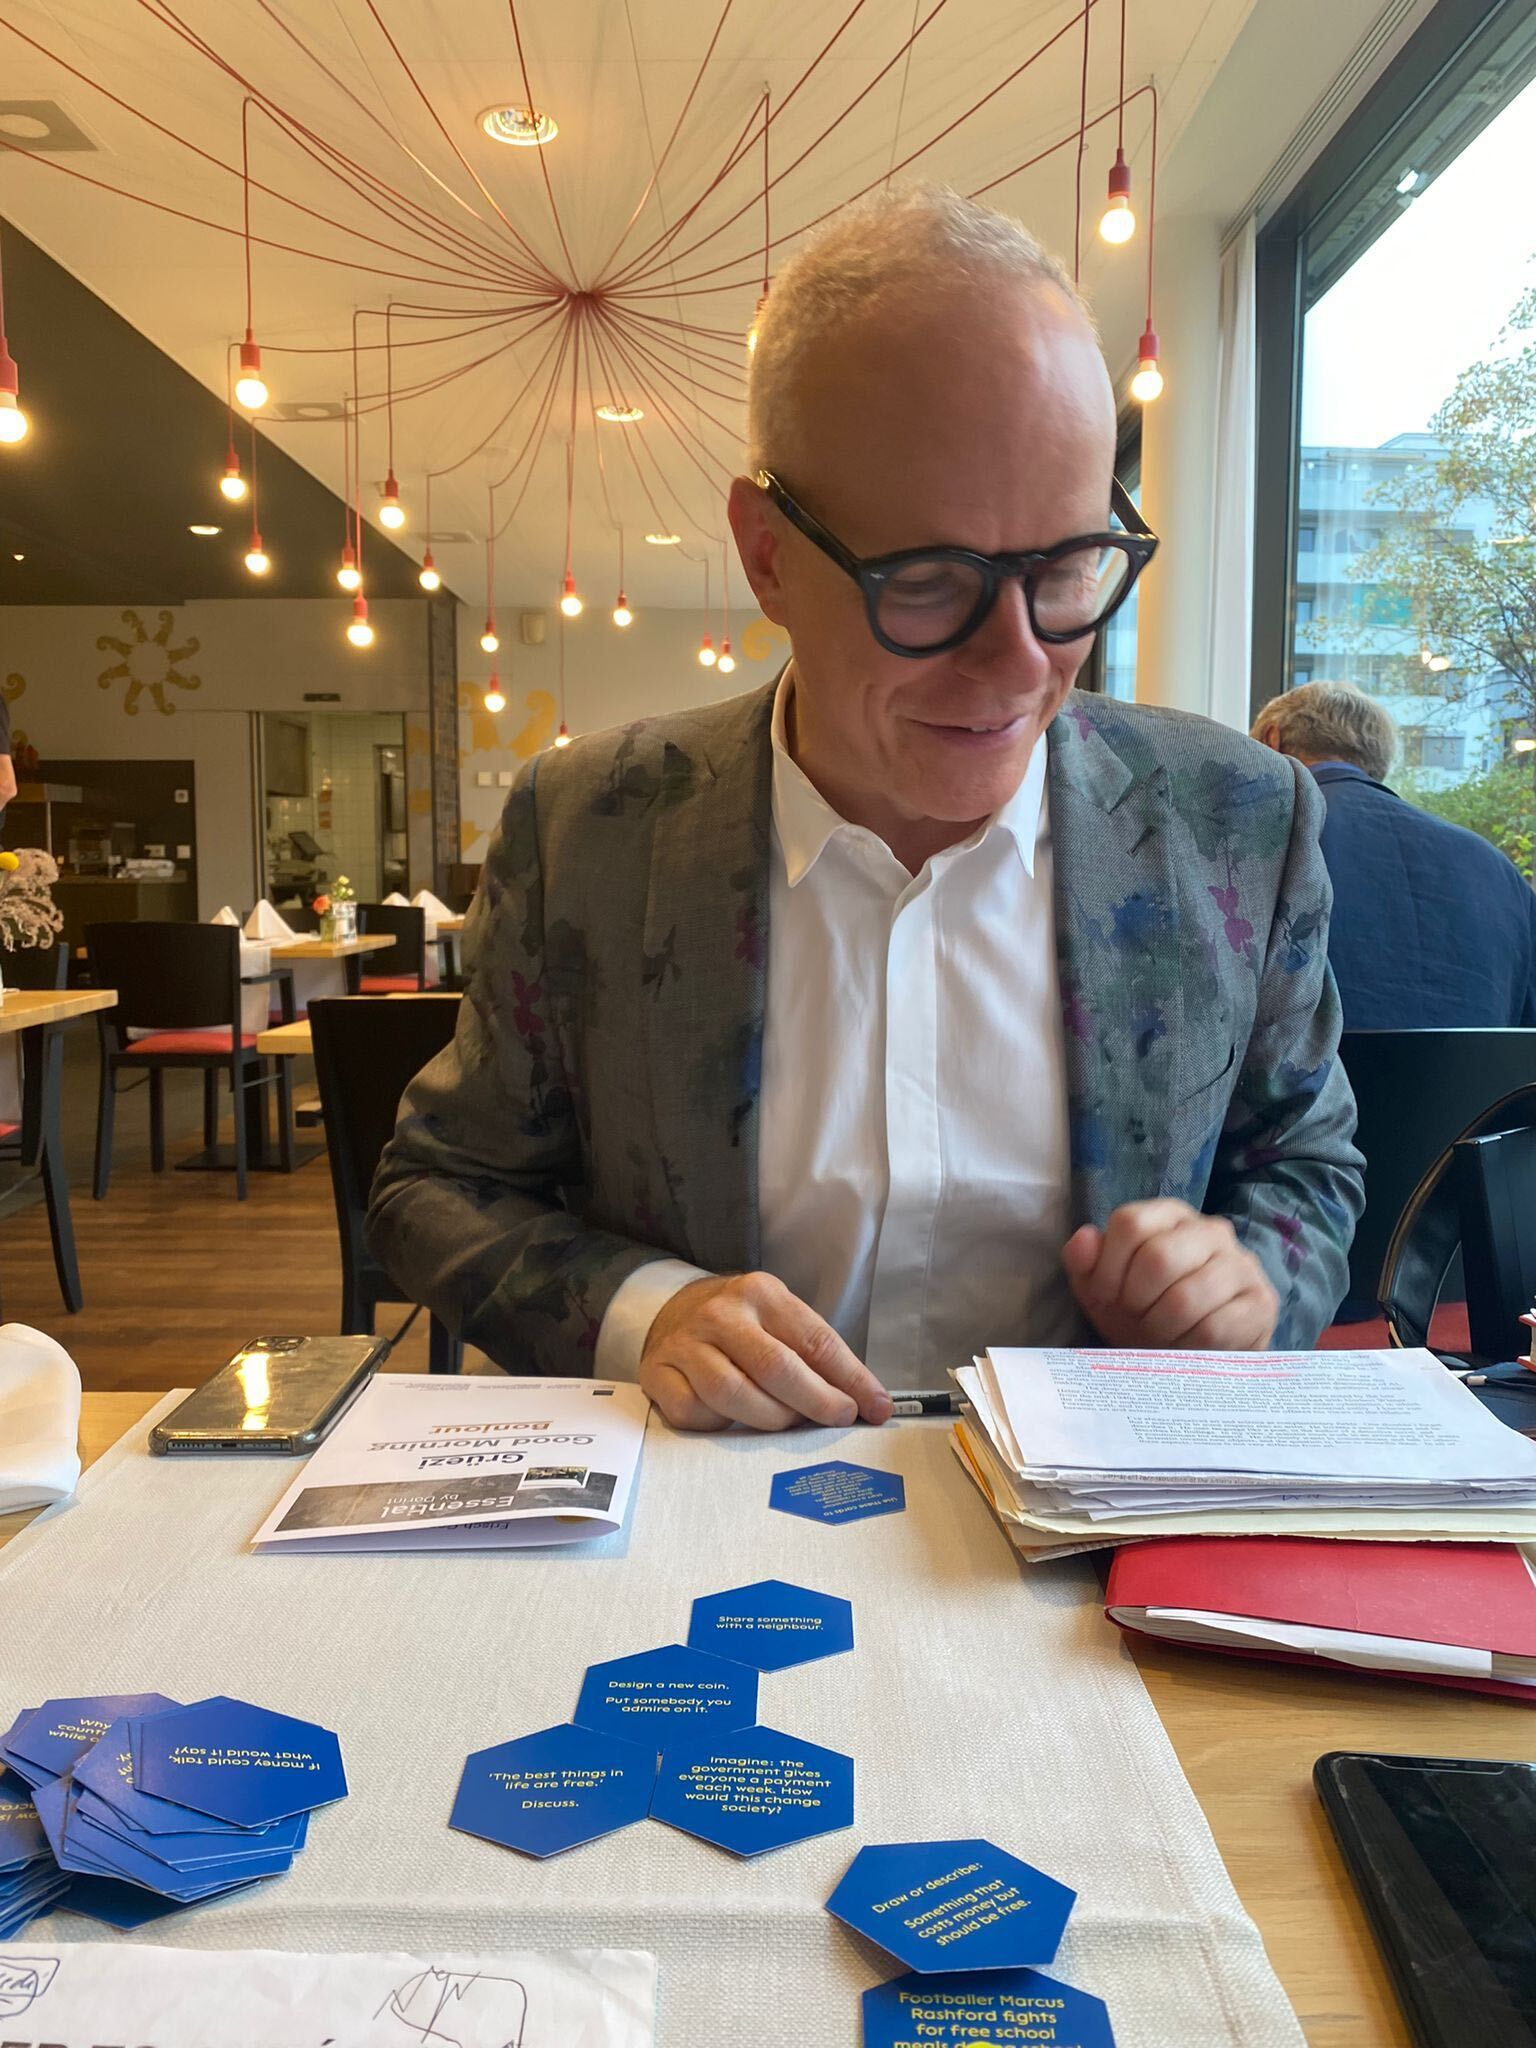 Curator Hans Ulrich describing a